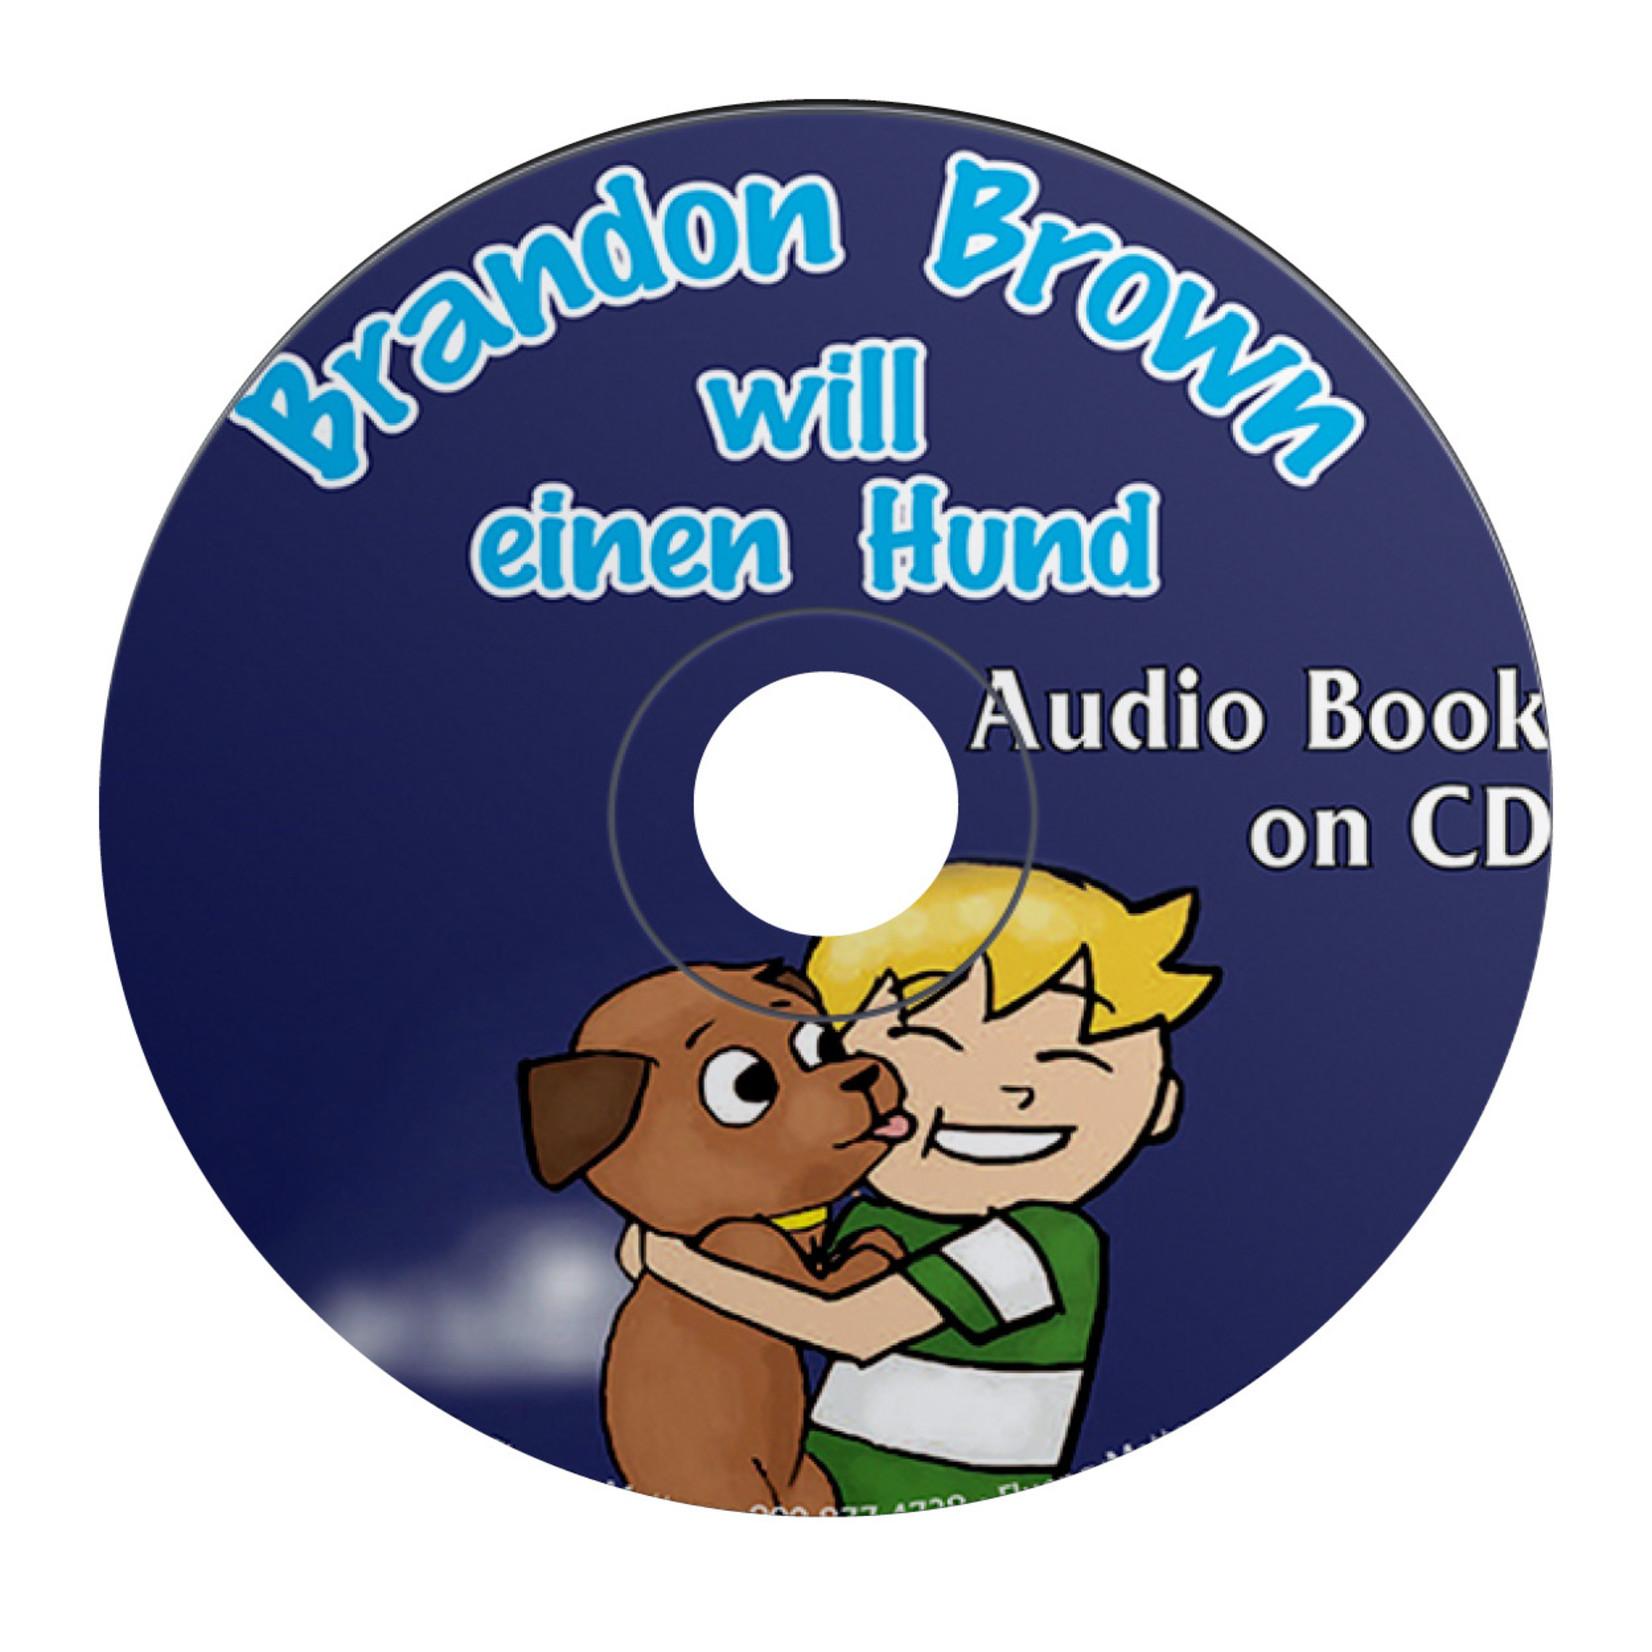 Fluency Matters Brandon Brown will einen Hund - Audiobook